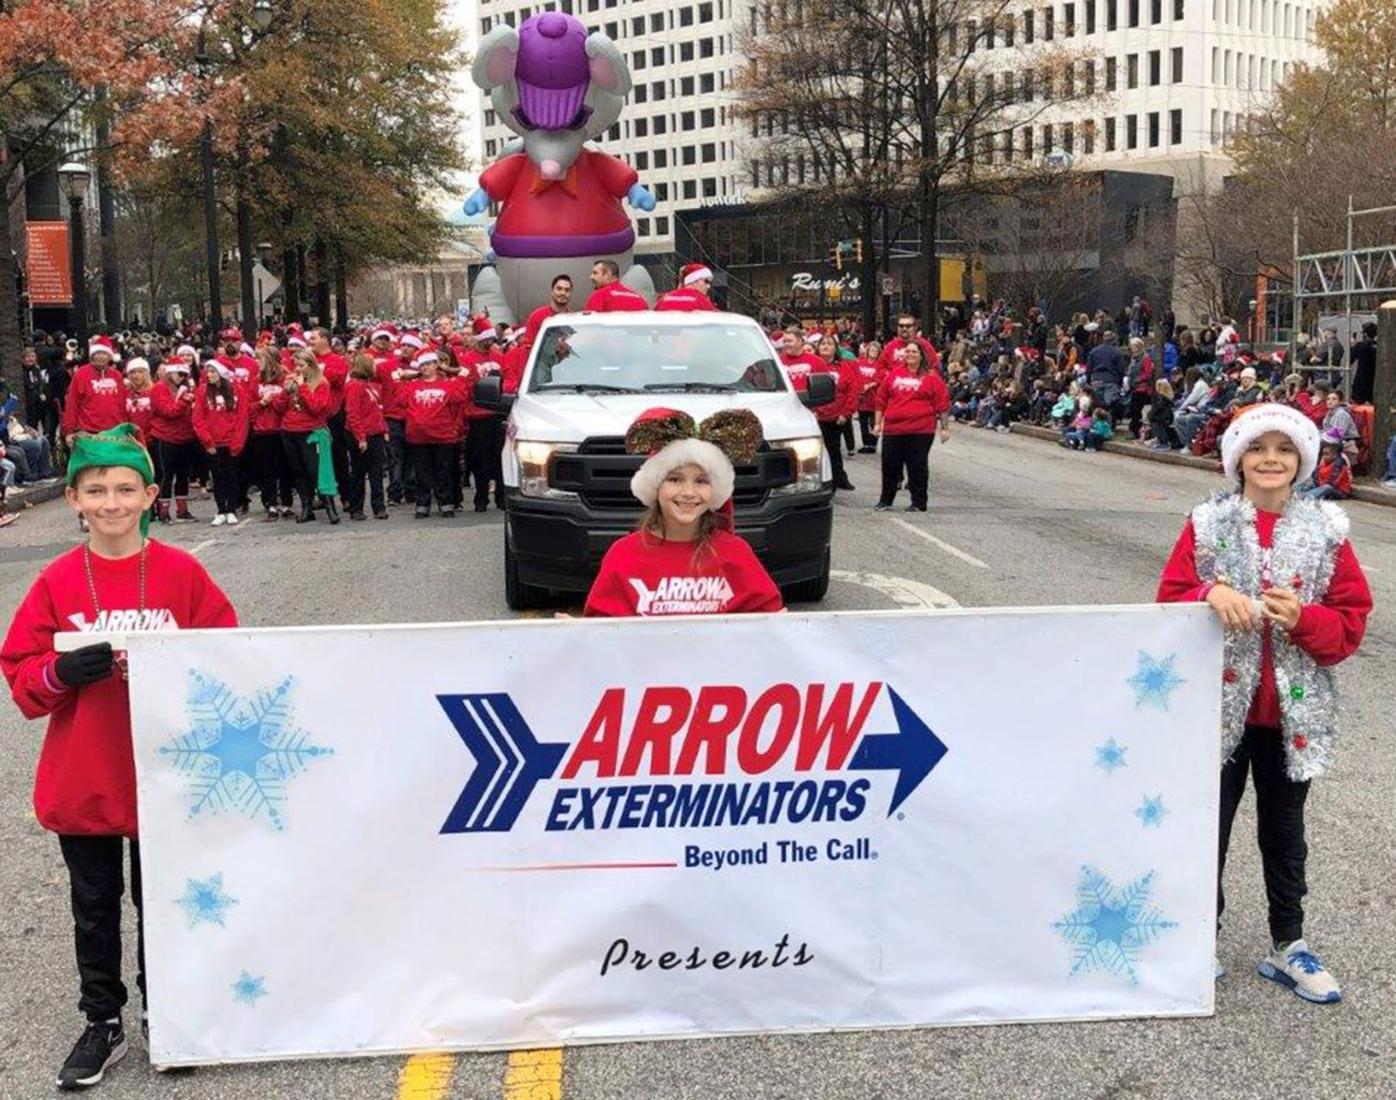 City Of Rossville Ga Christmas Parade 2021 Children S Christmas Parade Neighbornewsonline Com Suburban Atlanta S Local News Source Mdjonline Com